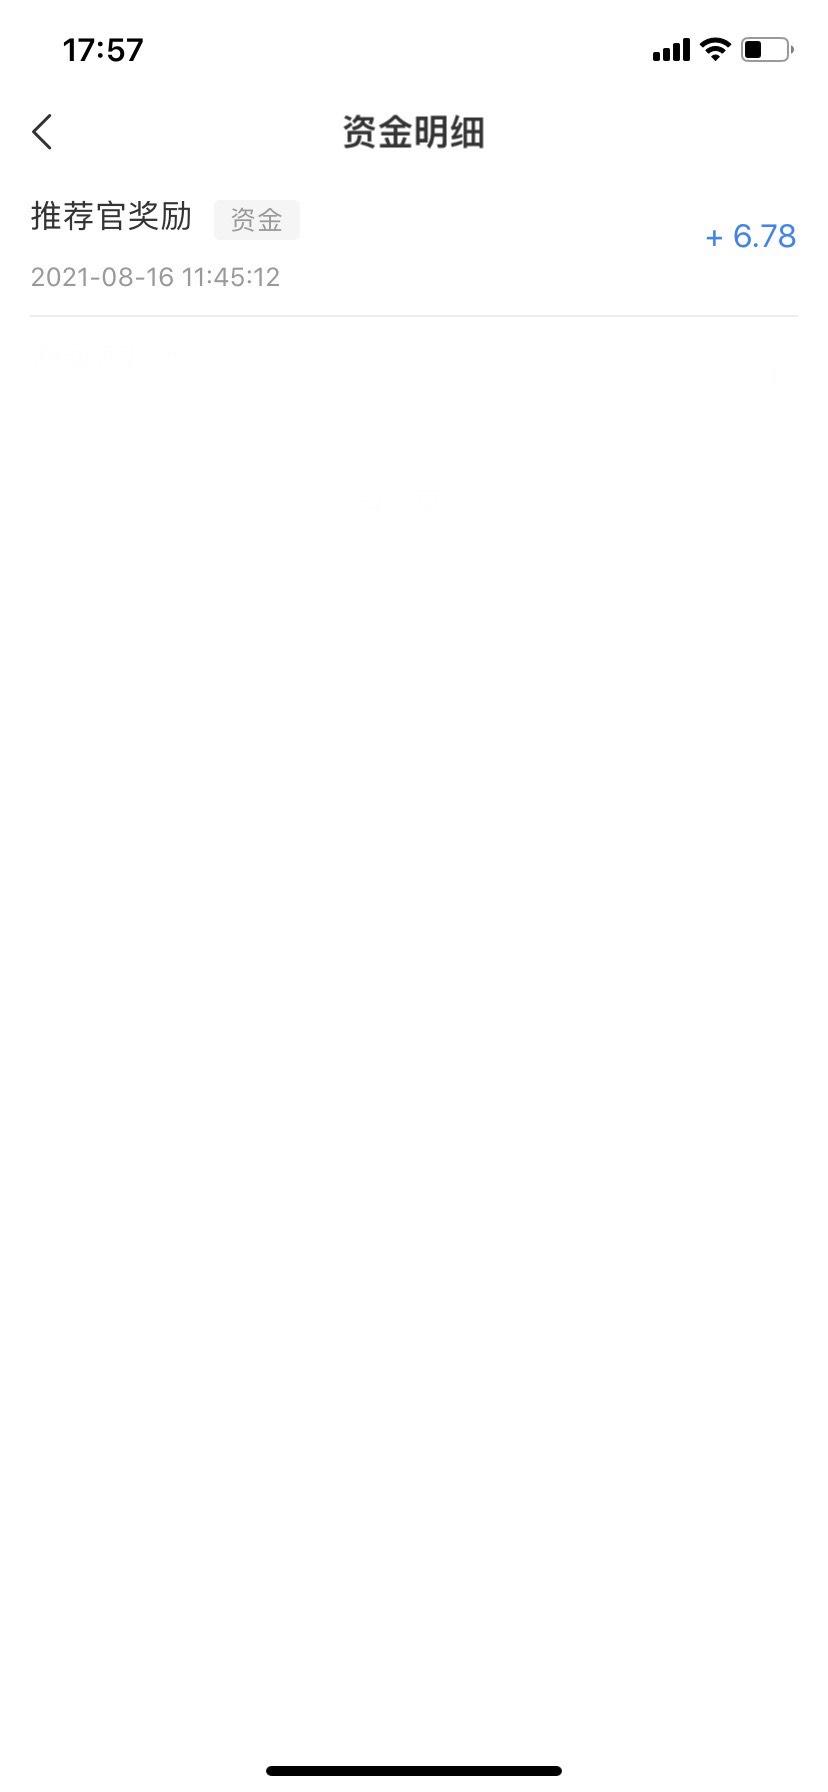 大水【微信红包】6.78元插图5